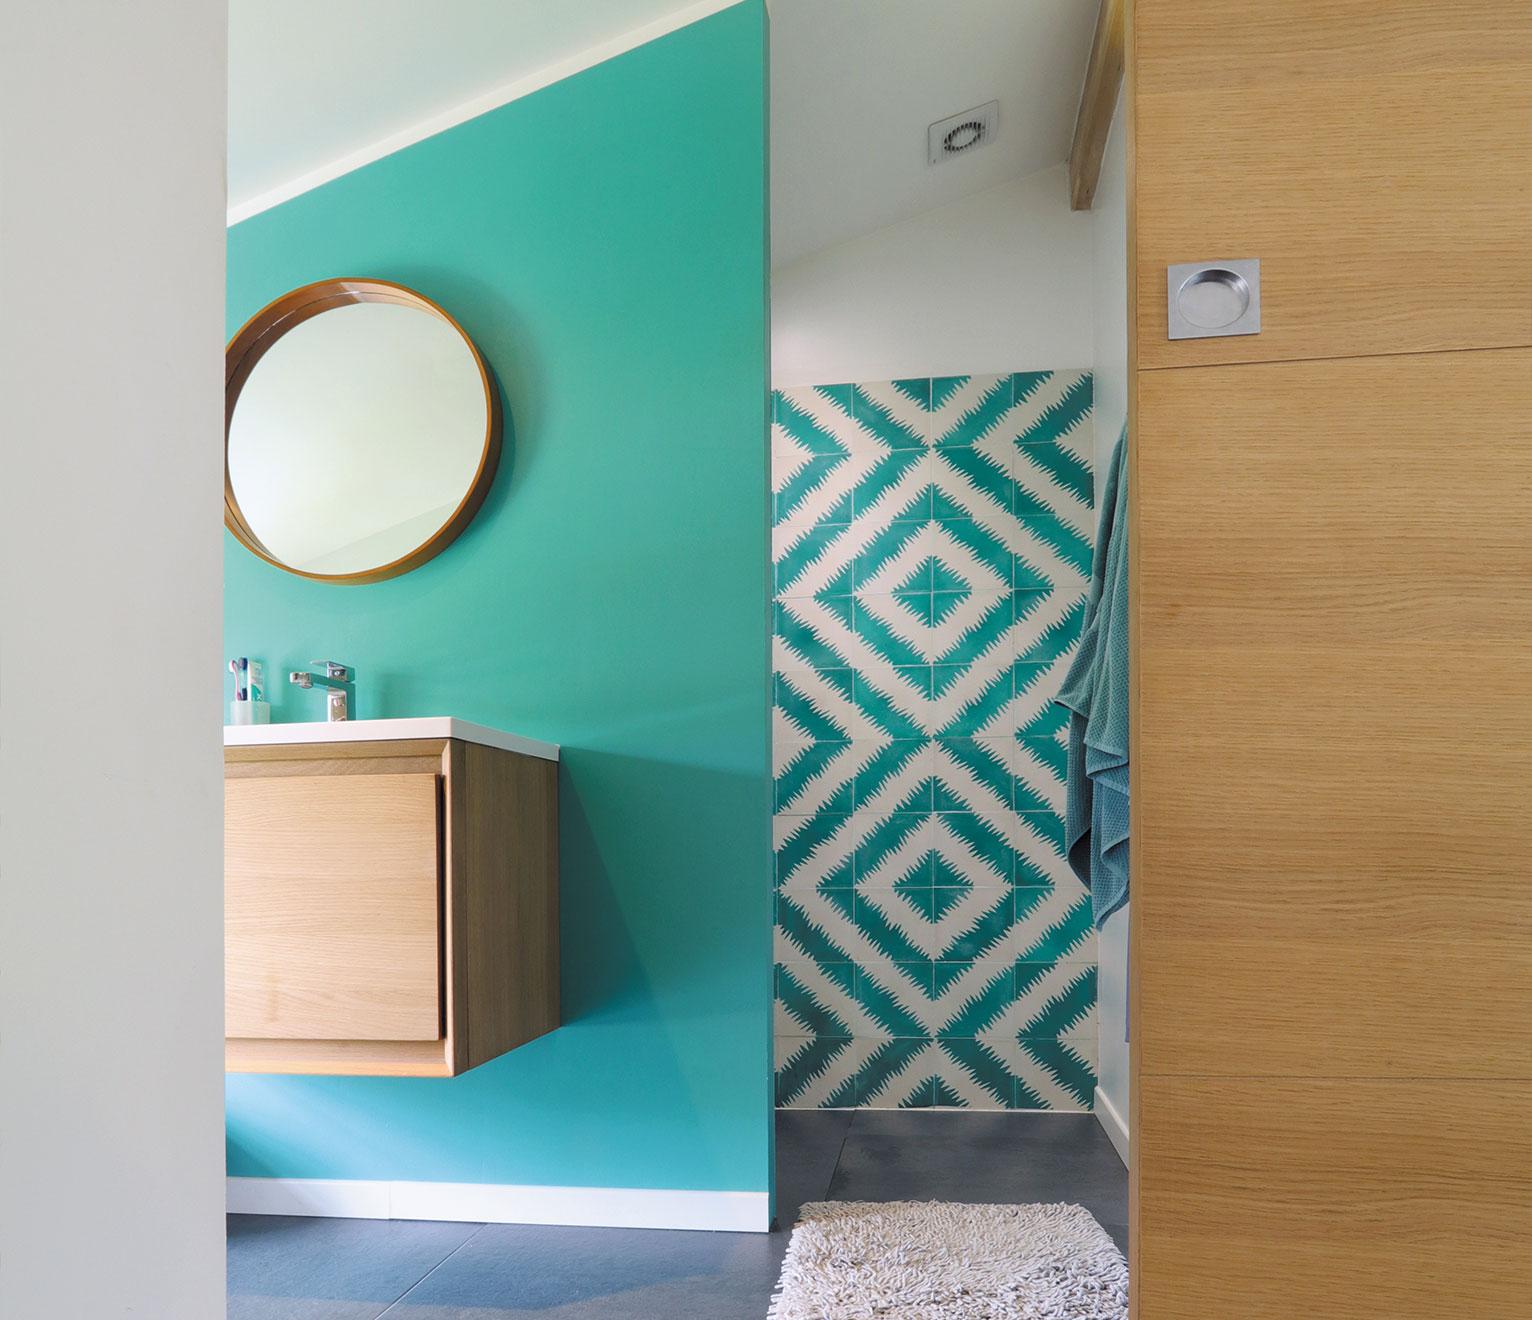 une grille de ventilation dans salle de bains moderne